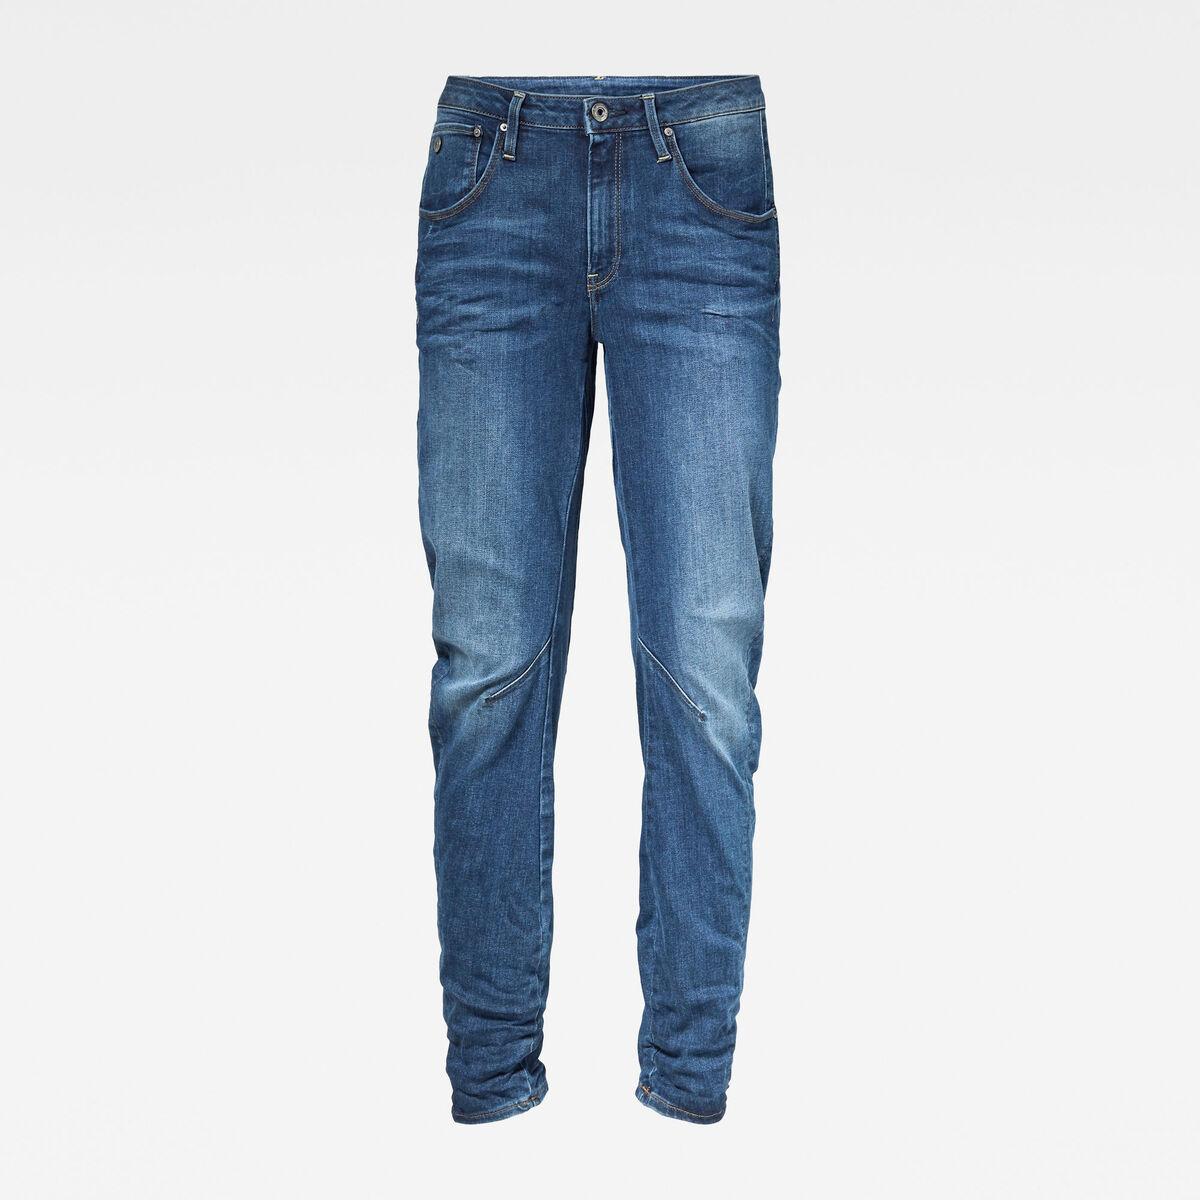 Bild 4 von Arc 3D Low Waist Boyfriend Jeans